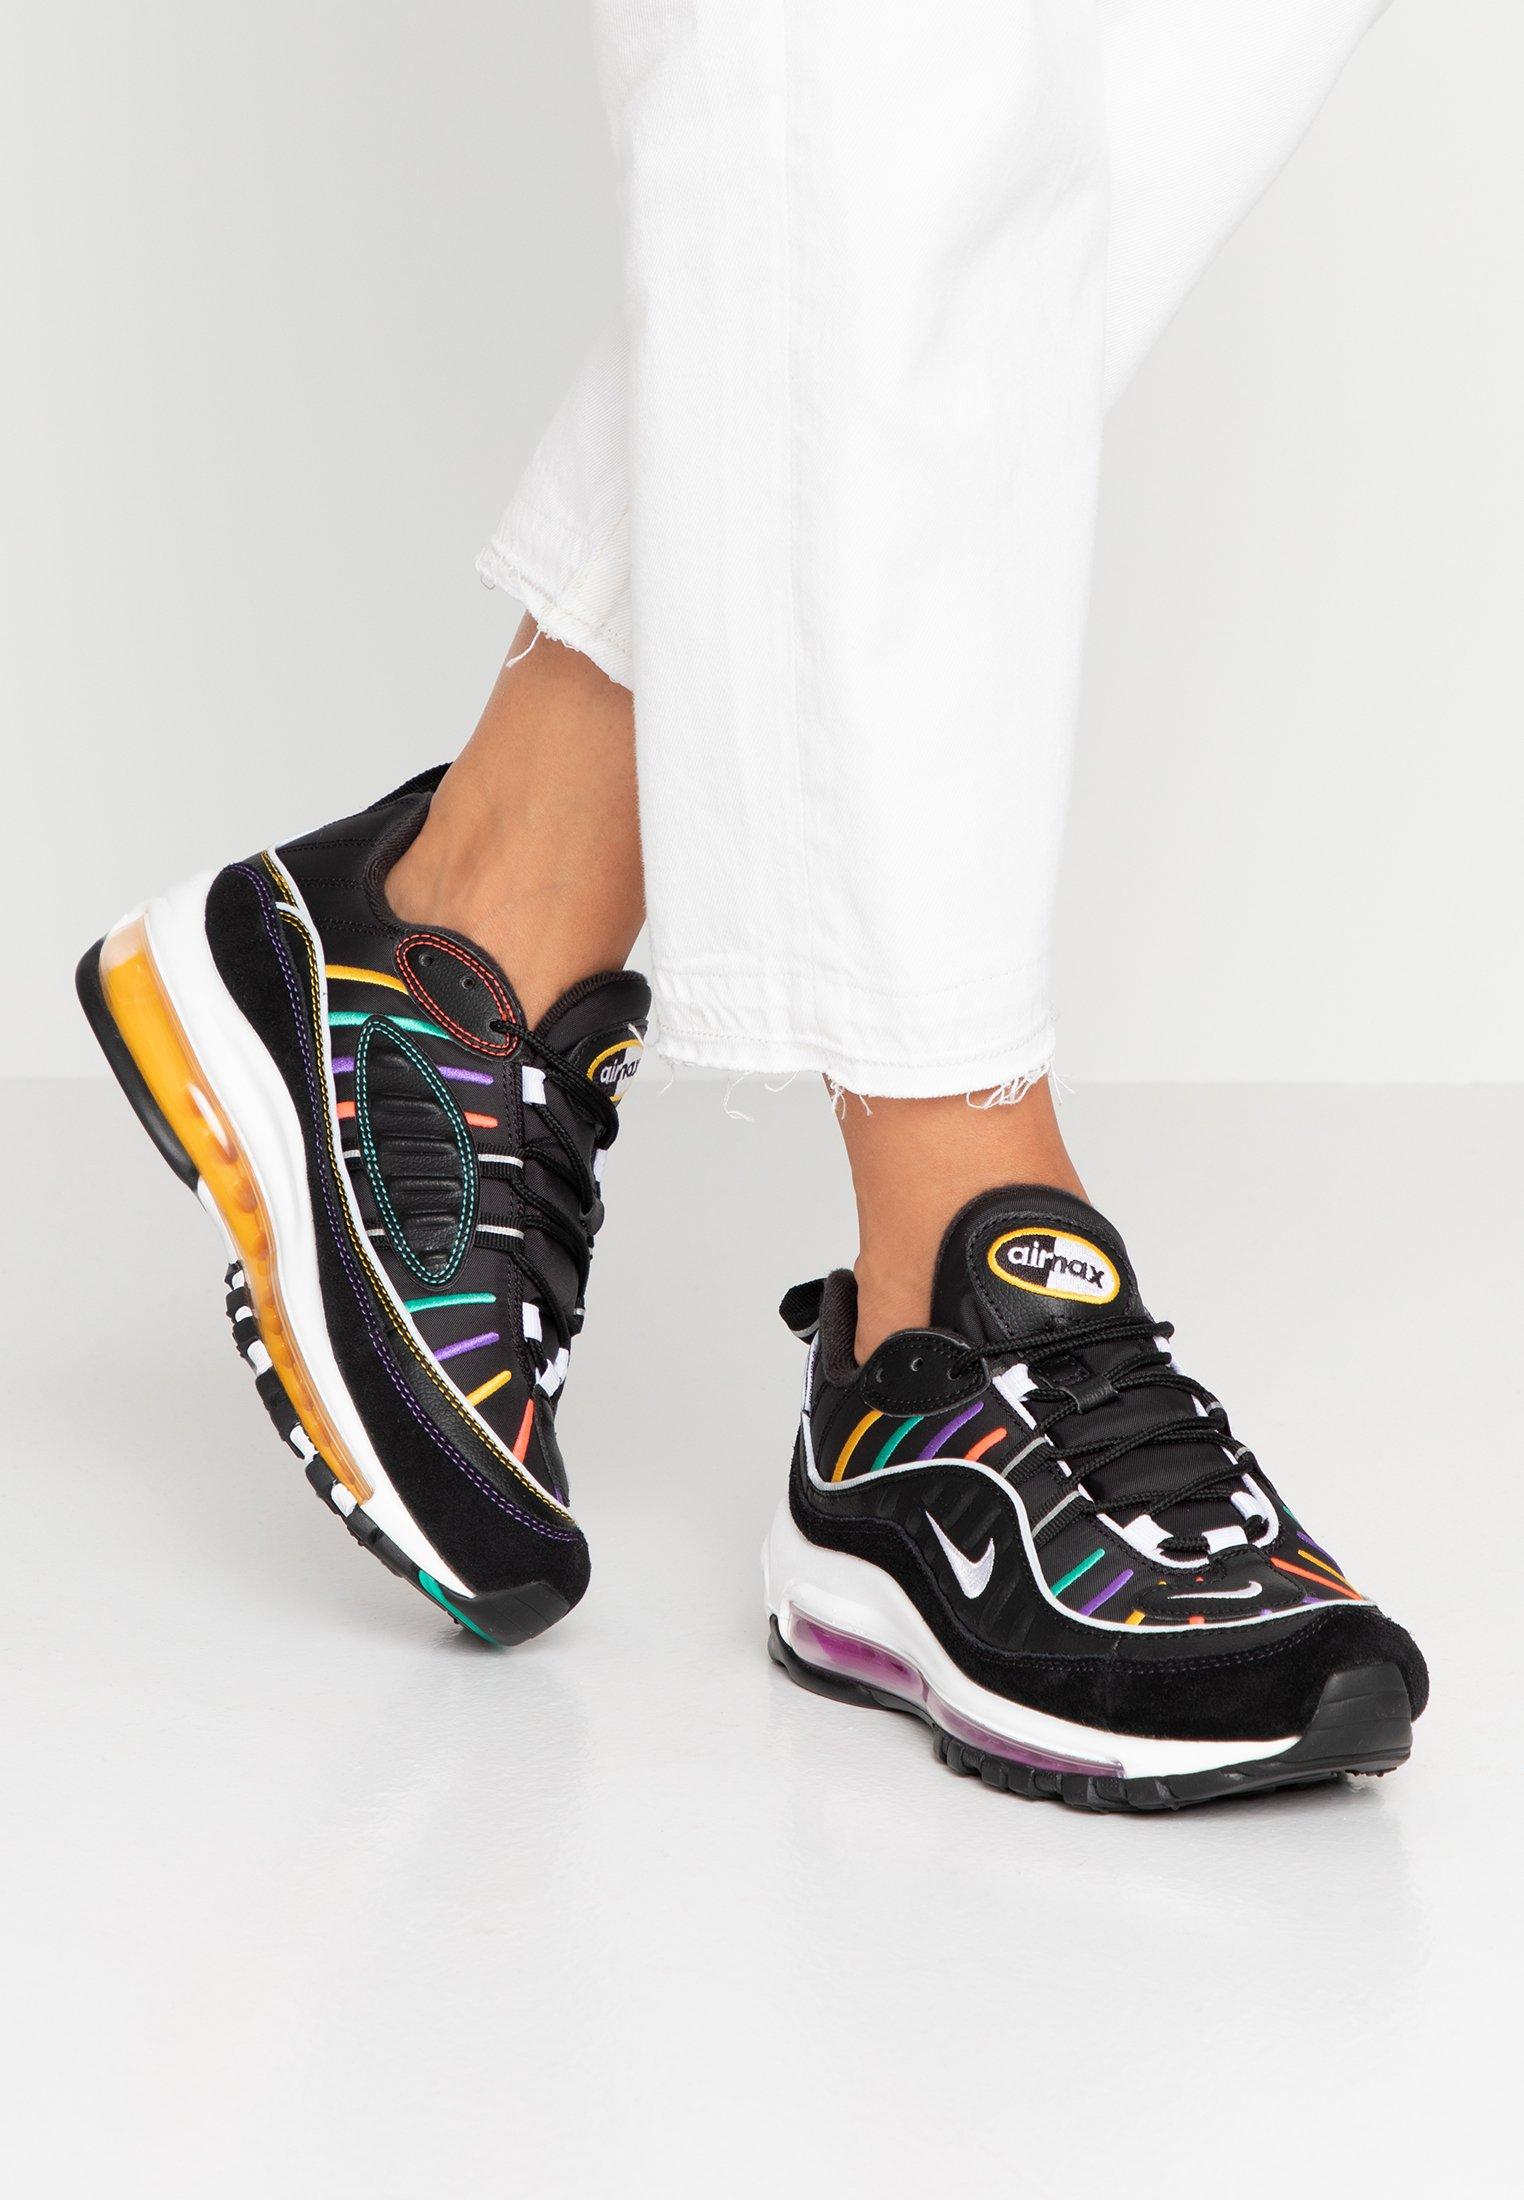 tradurre stazione TV ciglio  Nike Sportswear AIR MAX 98 PRM - Trainers - black/flash crimson/kinetic  green/psychic purple/universe gold/white/black - Zalando.co.uk